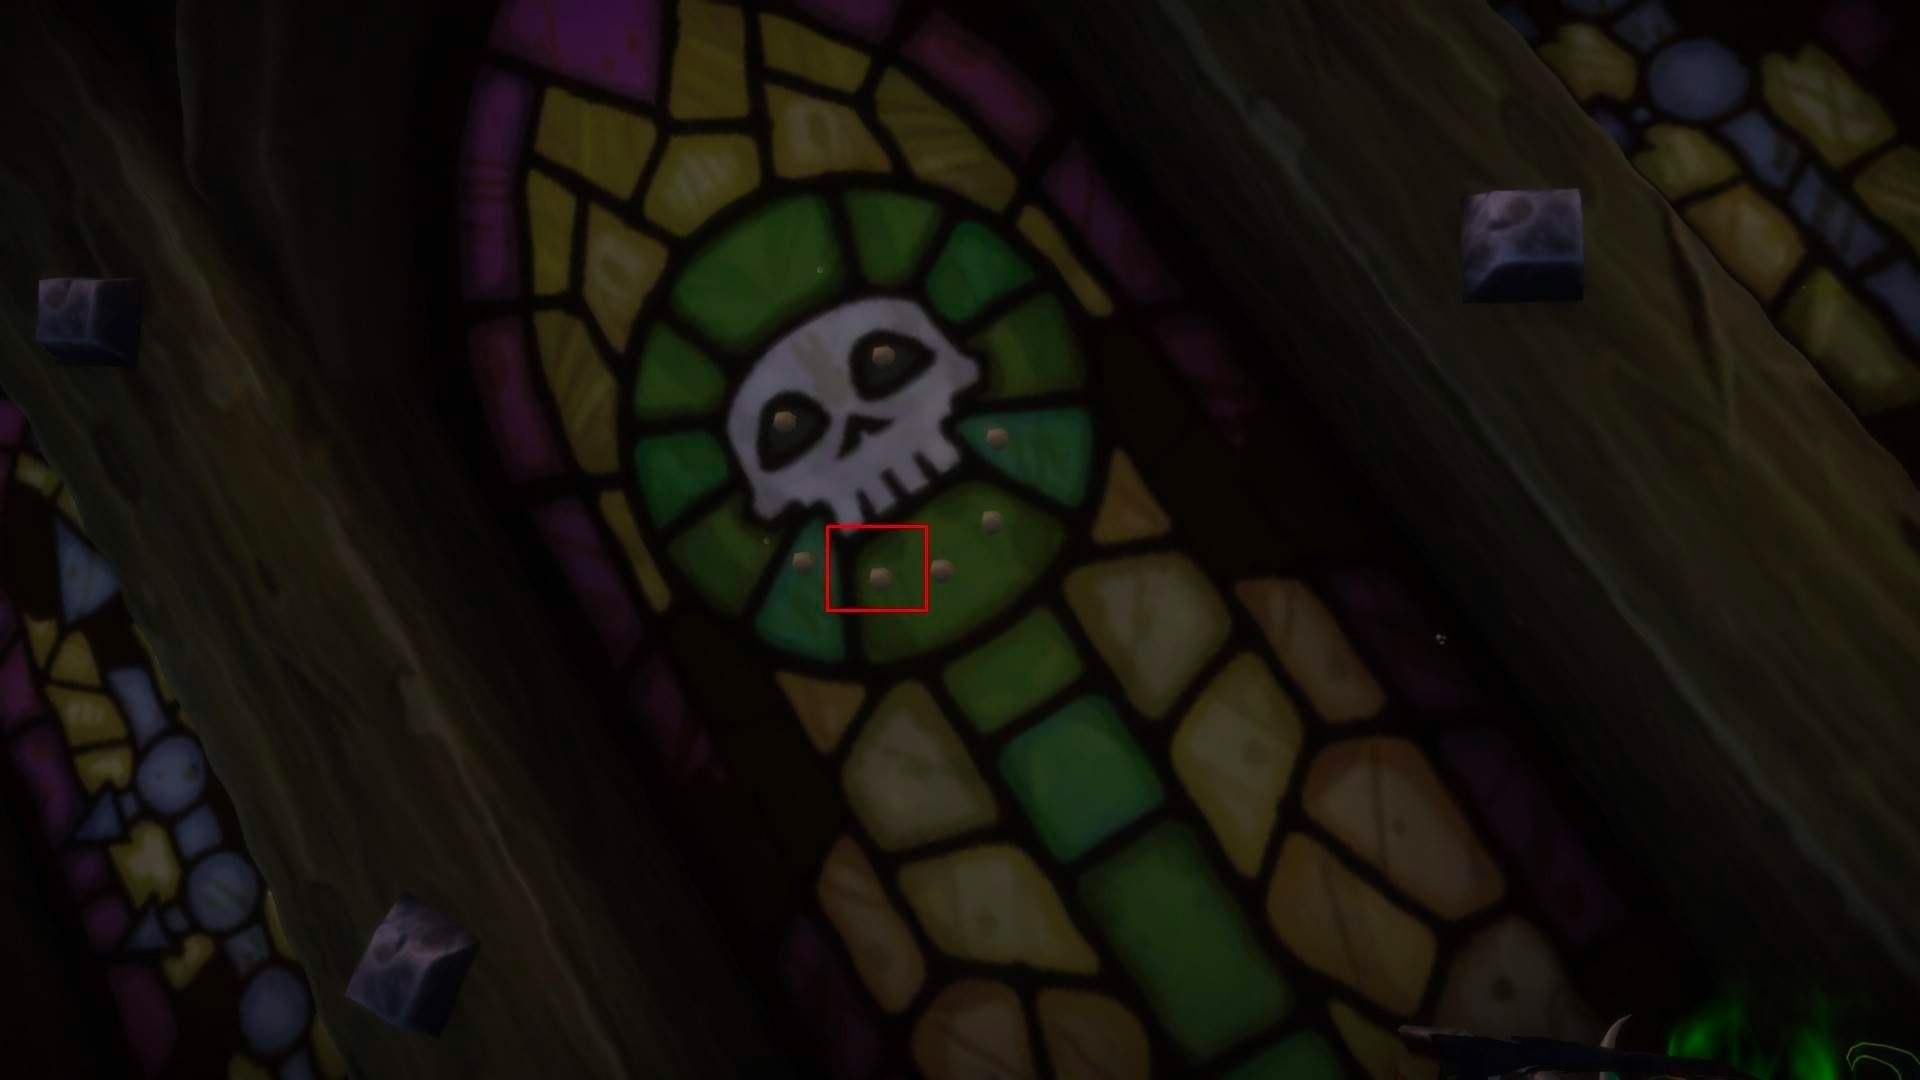 Le caillou se situe sur le vitrail derrière le bateau